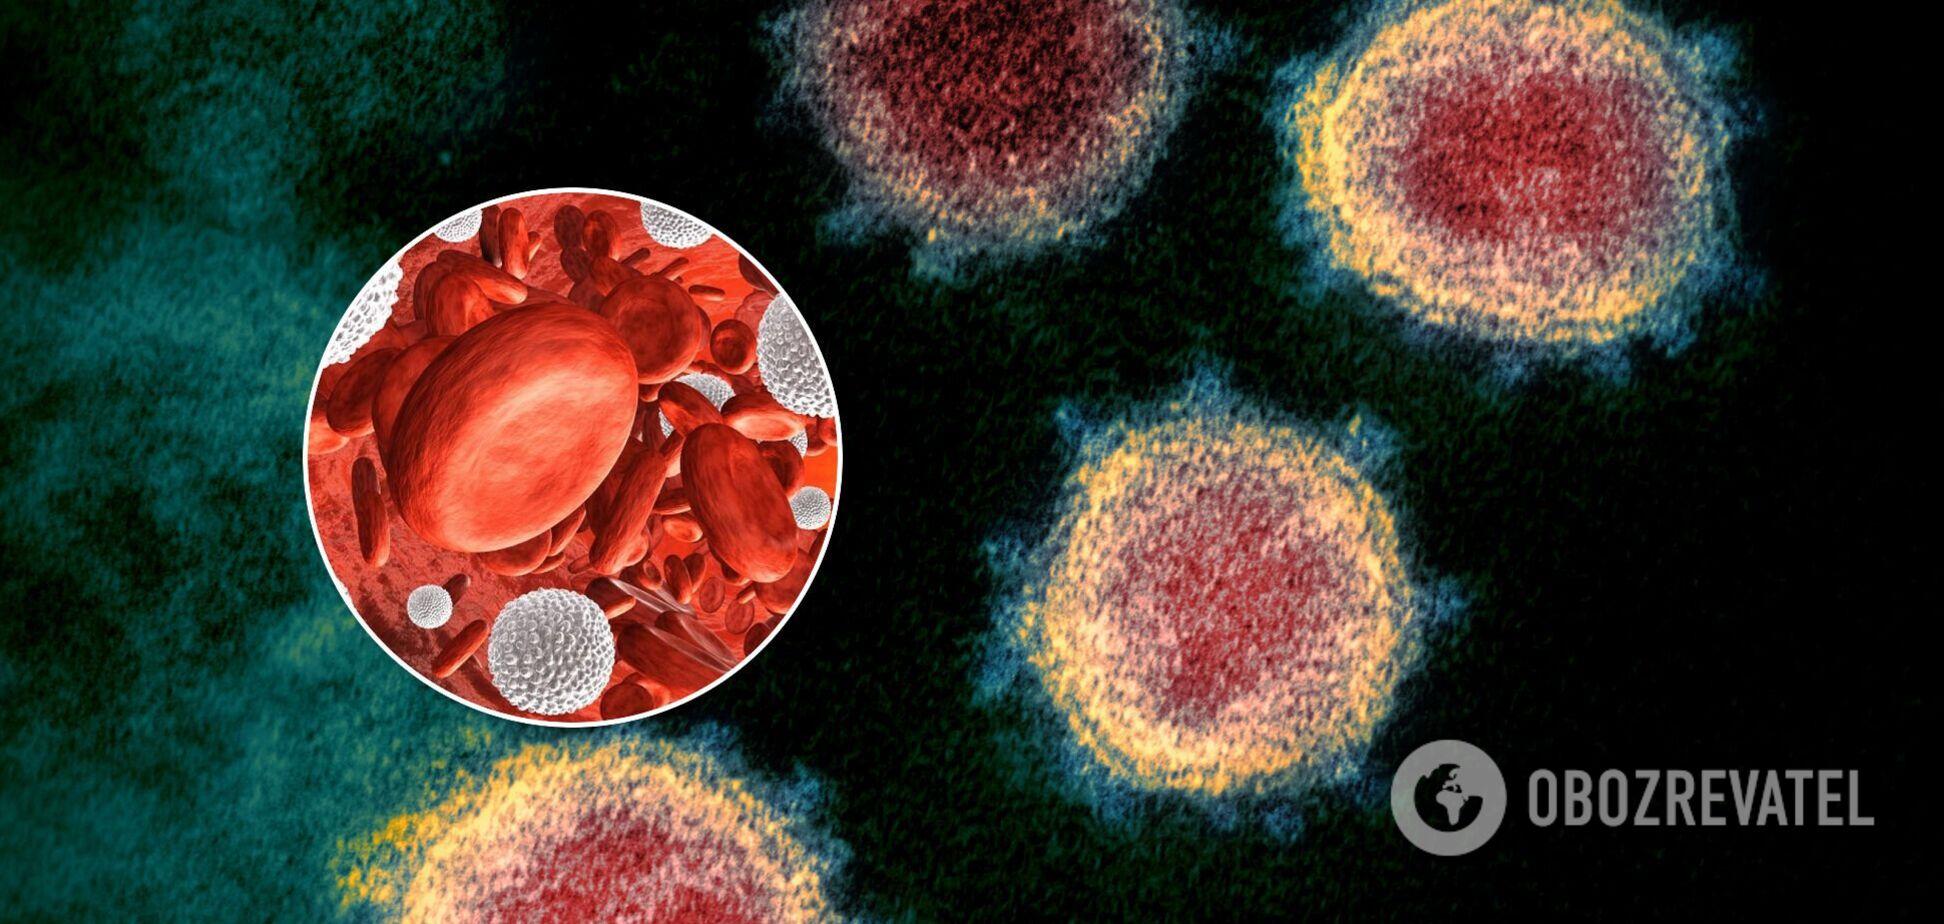 Постковидный синдром запускает 'взрывчатка' в крови, – профессор Досенко